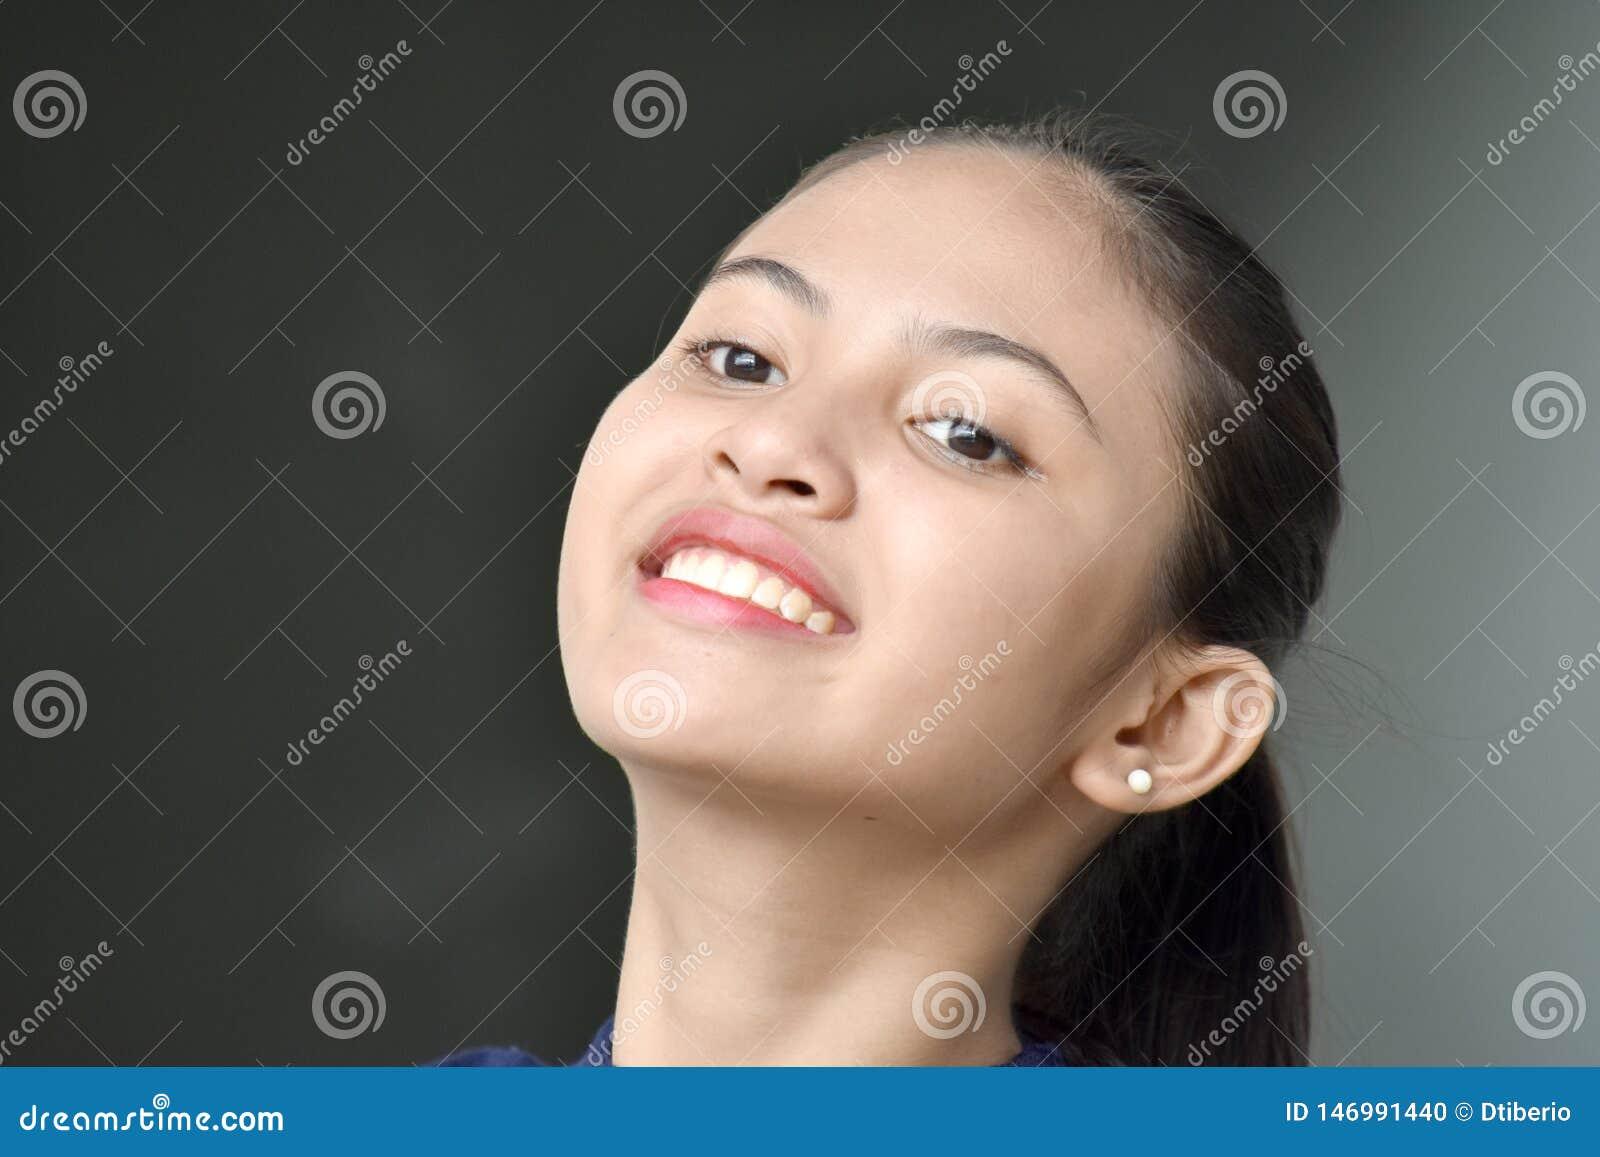 Personne asiatique mignonne contemplative